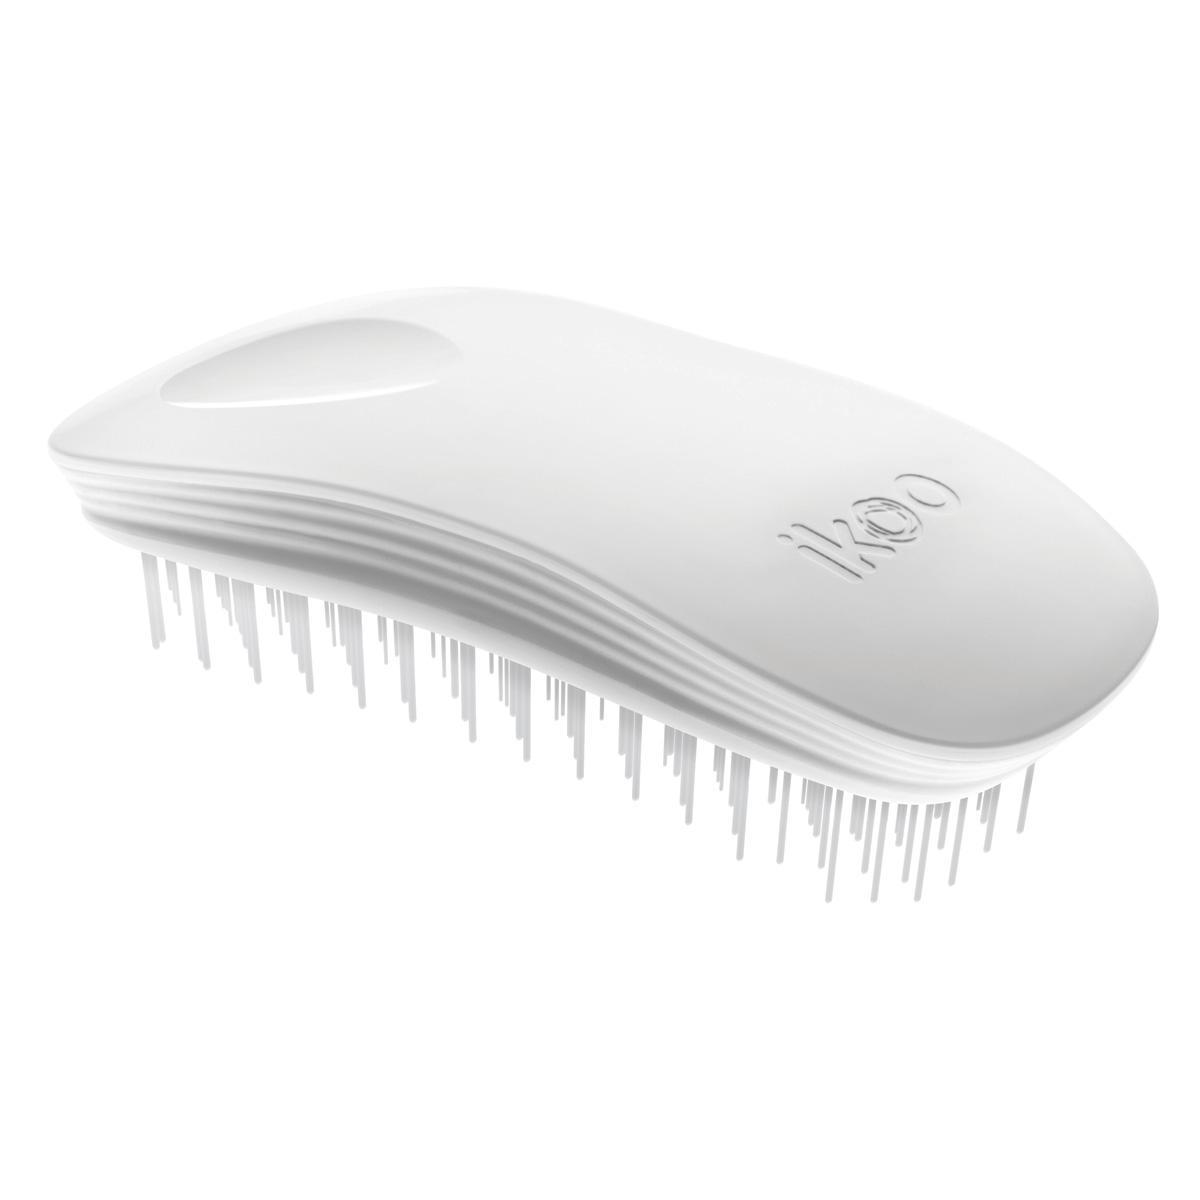 Ikoo Расческа-детанглер Home Classic WhiteMP59.4DIkoo – это расческа-детанглер, которая:- придает объем и блеск волосам- массирует кожу головы- позволяет заботиться о волосах даже во время расчесывания и не оставляет шанса секущимся кончикам- легко распутывает влажные волосы- распутывает волосы без болиУникальный подход щетки ikoo — расположение и структура щетинок, которые позволяют не только легко распутывать и расчесывать волосы, но и делать массаж головы в соответствии с принципами традиционной китайской медицины. Щетинки стимулируют энергетические меридианы и рефлексогенные зоны, что также положительно влияет на вегетативную нервную систему. Благодаря оптимальной степени твердости щетины, волосы распутываются легко и без вытягивания. Щетка ikoo сохраняет свою функциональность даже после долговременного использования.Щетки ikoo изготовлены из высококачественной смолы и акрила. Для комфортного использования корпус щетки отделан натуральной резиной, что помогает надежно удерживать щетку в руке. Скомбинировав эти три материала, мы избежали использования дерева и натуральной щетины, так как эти материалы подходят не для всех типов волос, а также труднее очищаются. Щетки ikoo соблюдают все гигиенические стандарты за счет своего состава. В процессе разработки мы уделили большое внимание дизайну щетки, чтобы и правшам, и левшам было комфортно ей пользоваться.Дизайн расчески основан на принципах традиционной китайской медицины, которые практикуются уже более 2000 лет, и до сих пор. Согласно им, массаж головы оказывает гармонизирующий эффект на весь организм. Вогнутая форма расчески ikoo позволяет делать себе массаж по специальным акупунктурным точкам и рефлексогенным зонам кожи головы.В результате чего усиливается кровообращение и наполнение волос питательными элементами. Ежедневный массаж расческой ikoo поможет поддержать здоровье всей области головы и шеи. Таким образом, расческа становится не только повседневным аксессуаром, а полноценным инструментом для поддержания